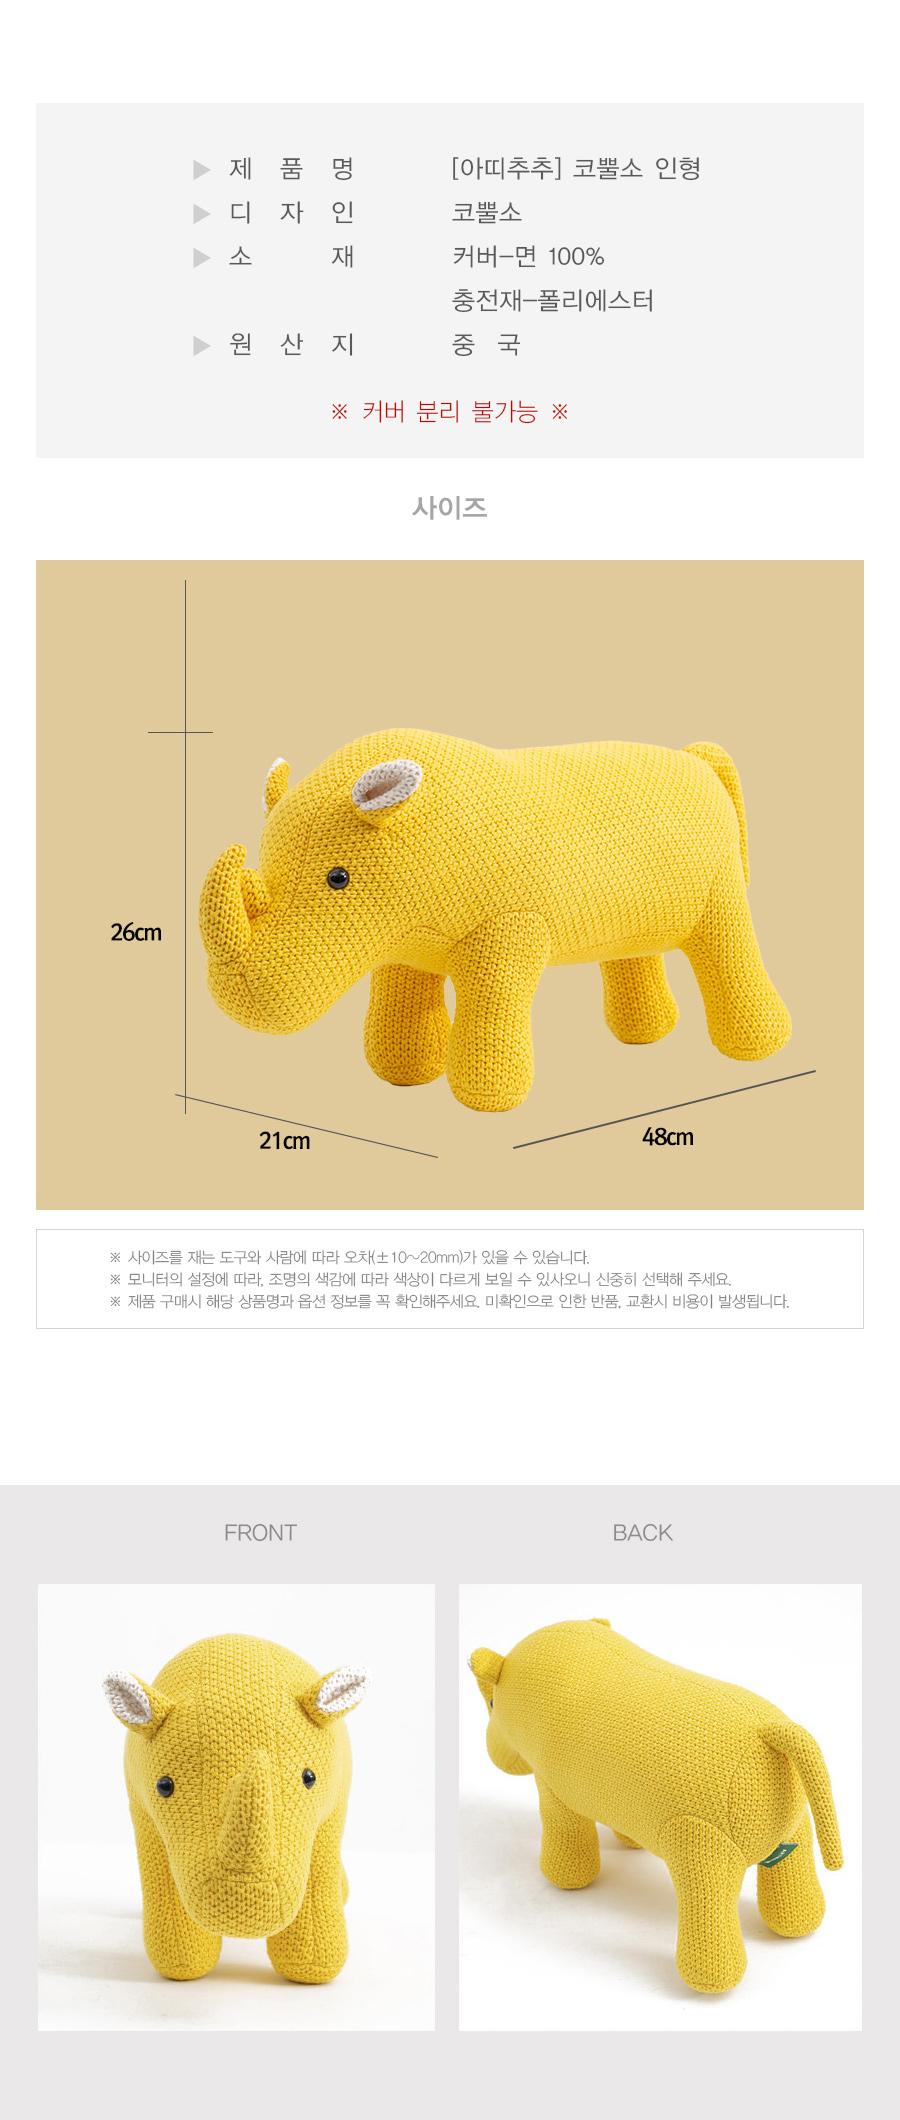 02-2_info_rhino.jpg